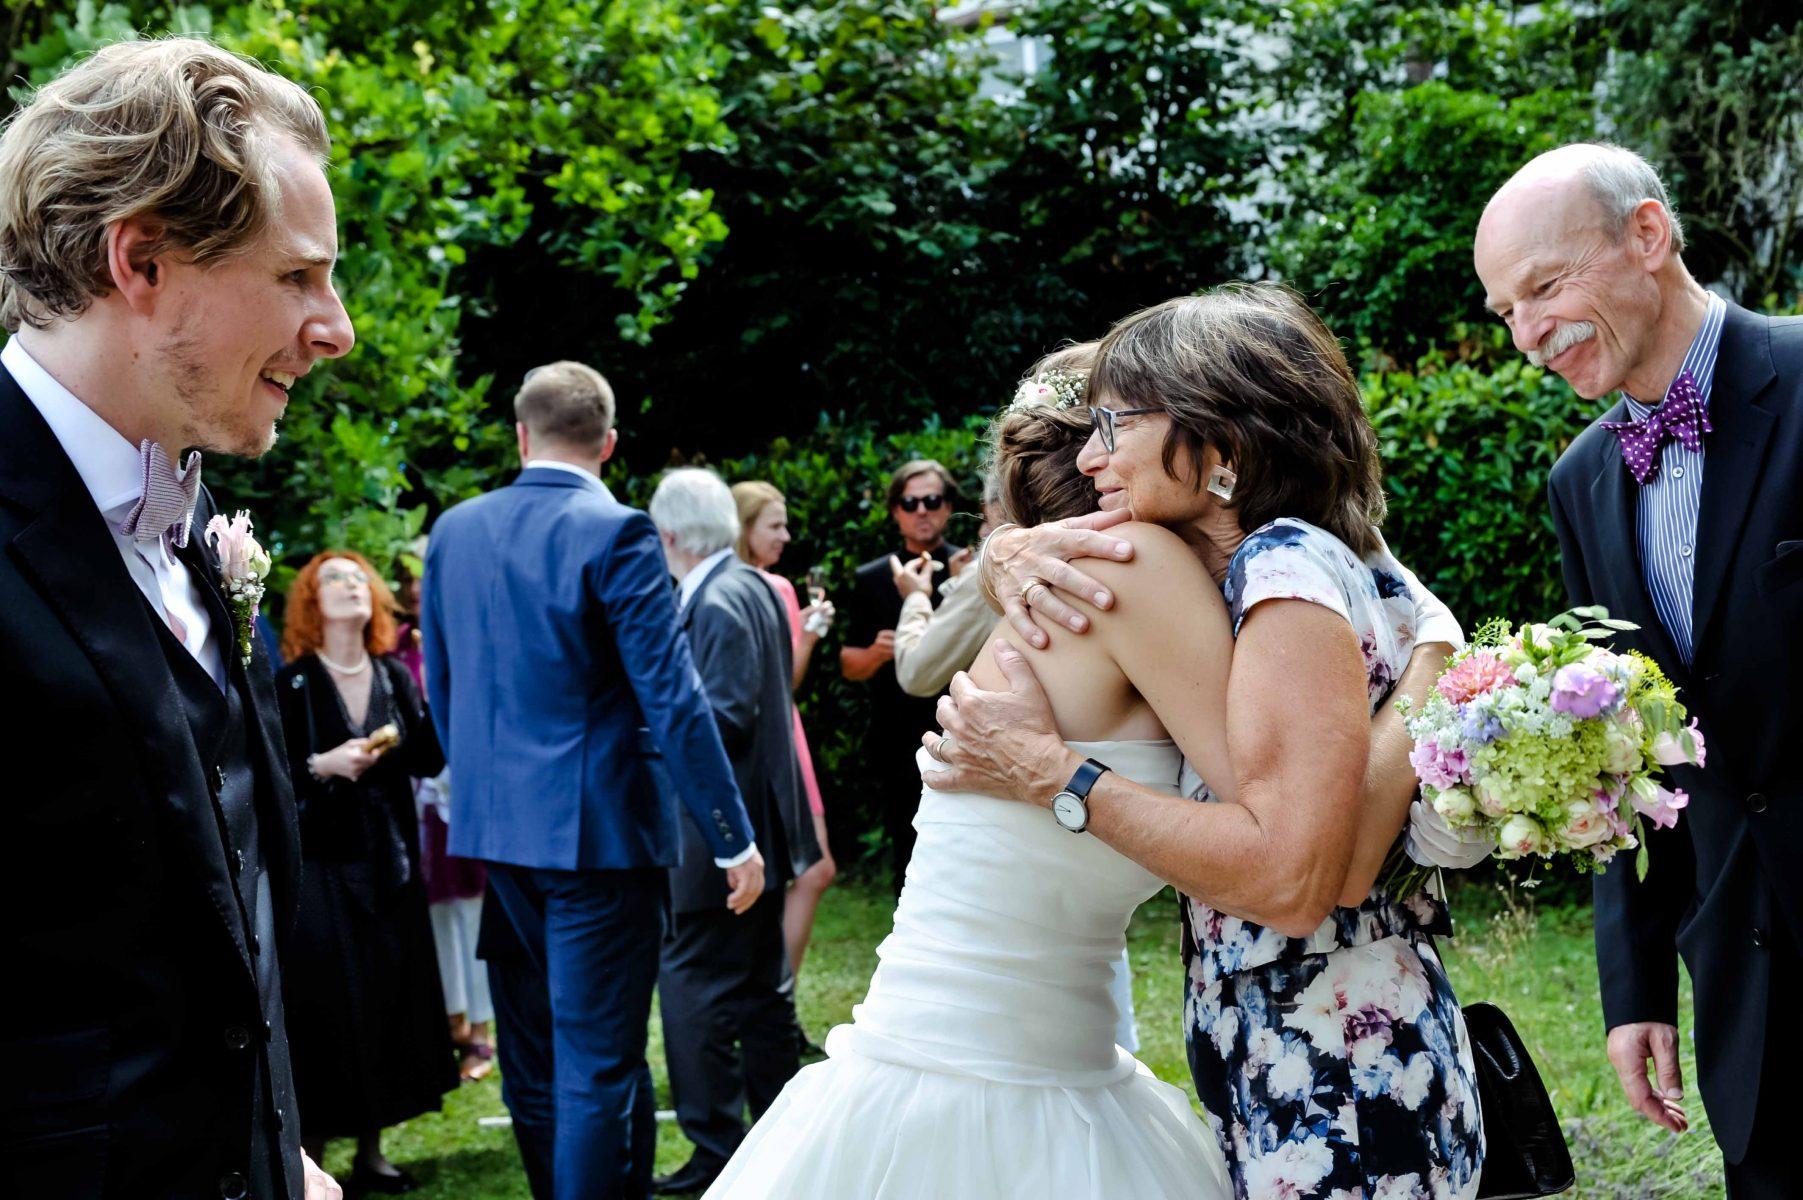 Hochzeit Gratulation B2000 222075 1803x1200 - GRATULATION & EMOTION